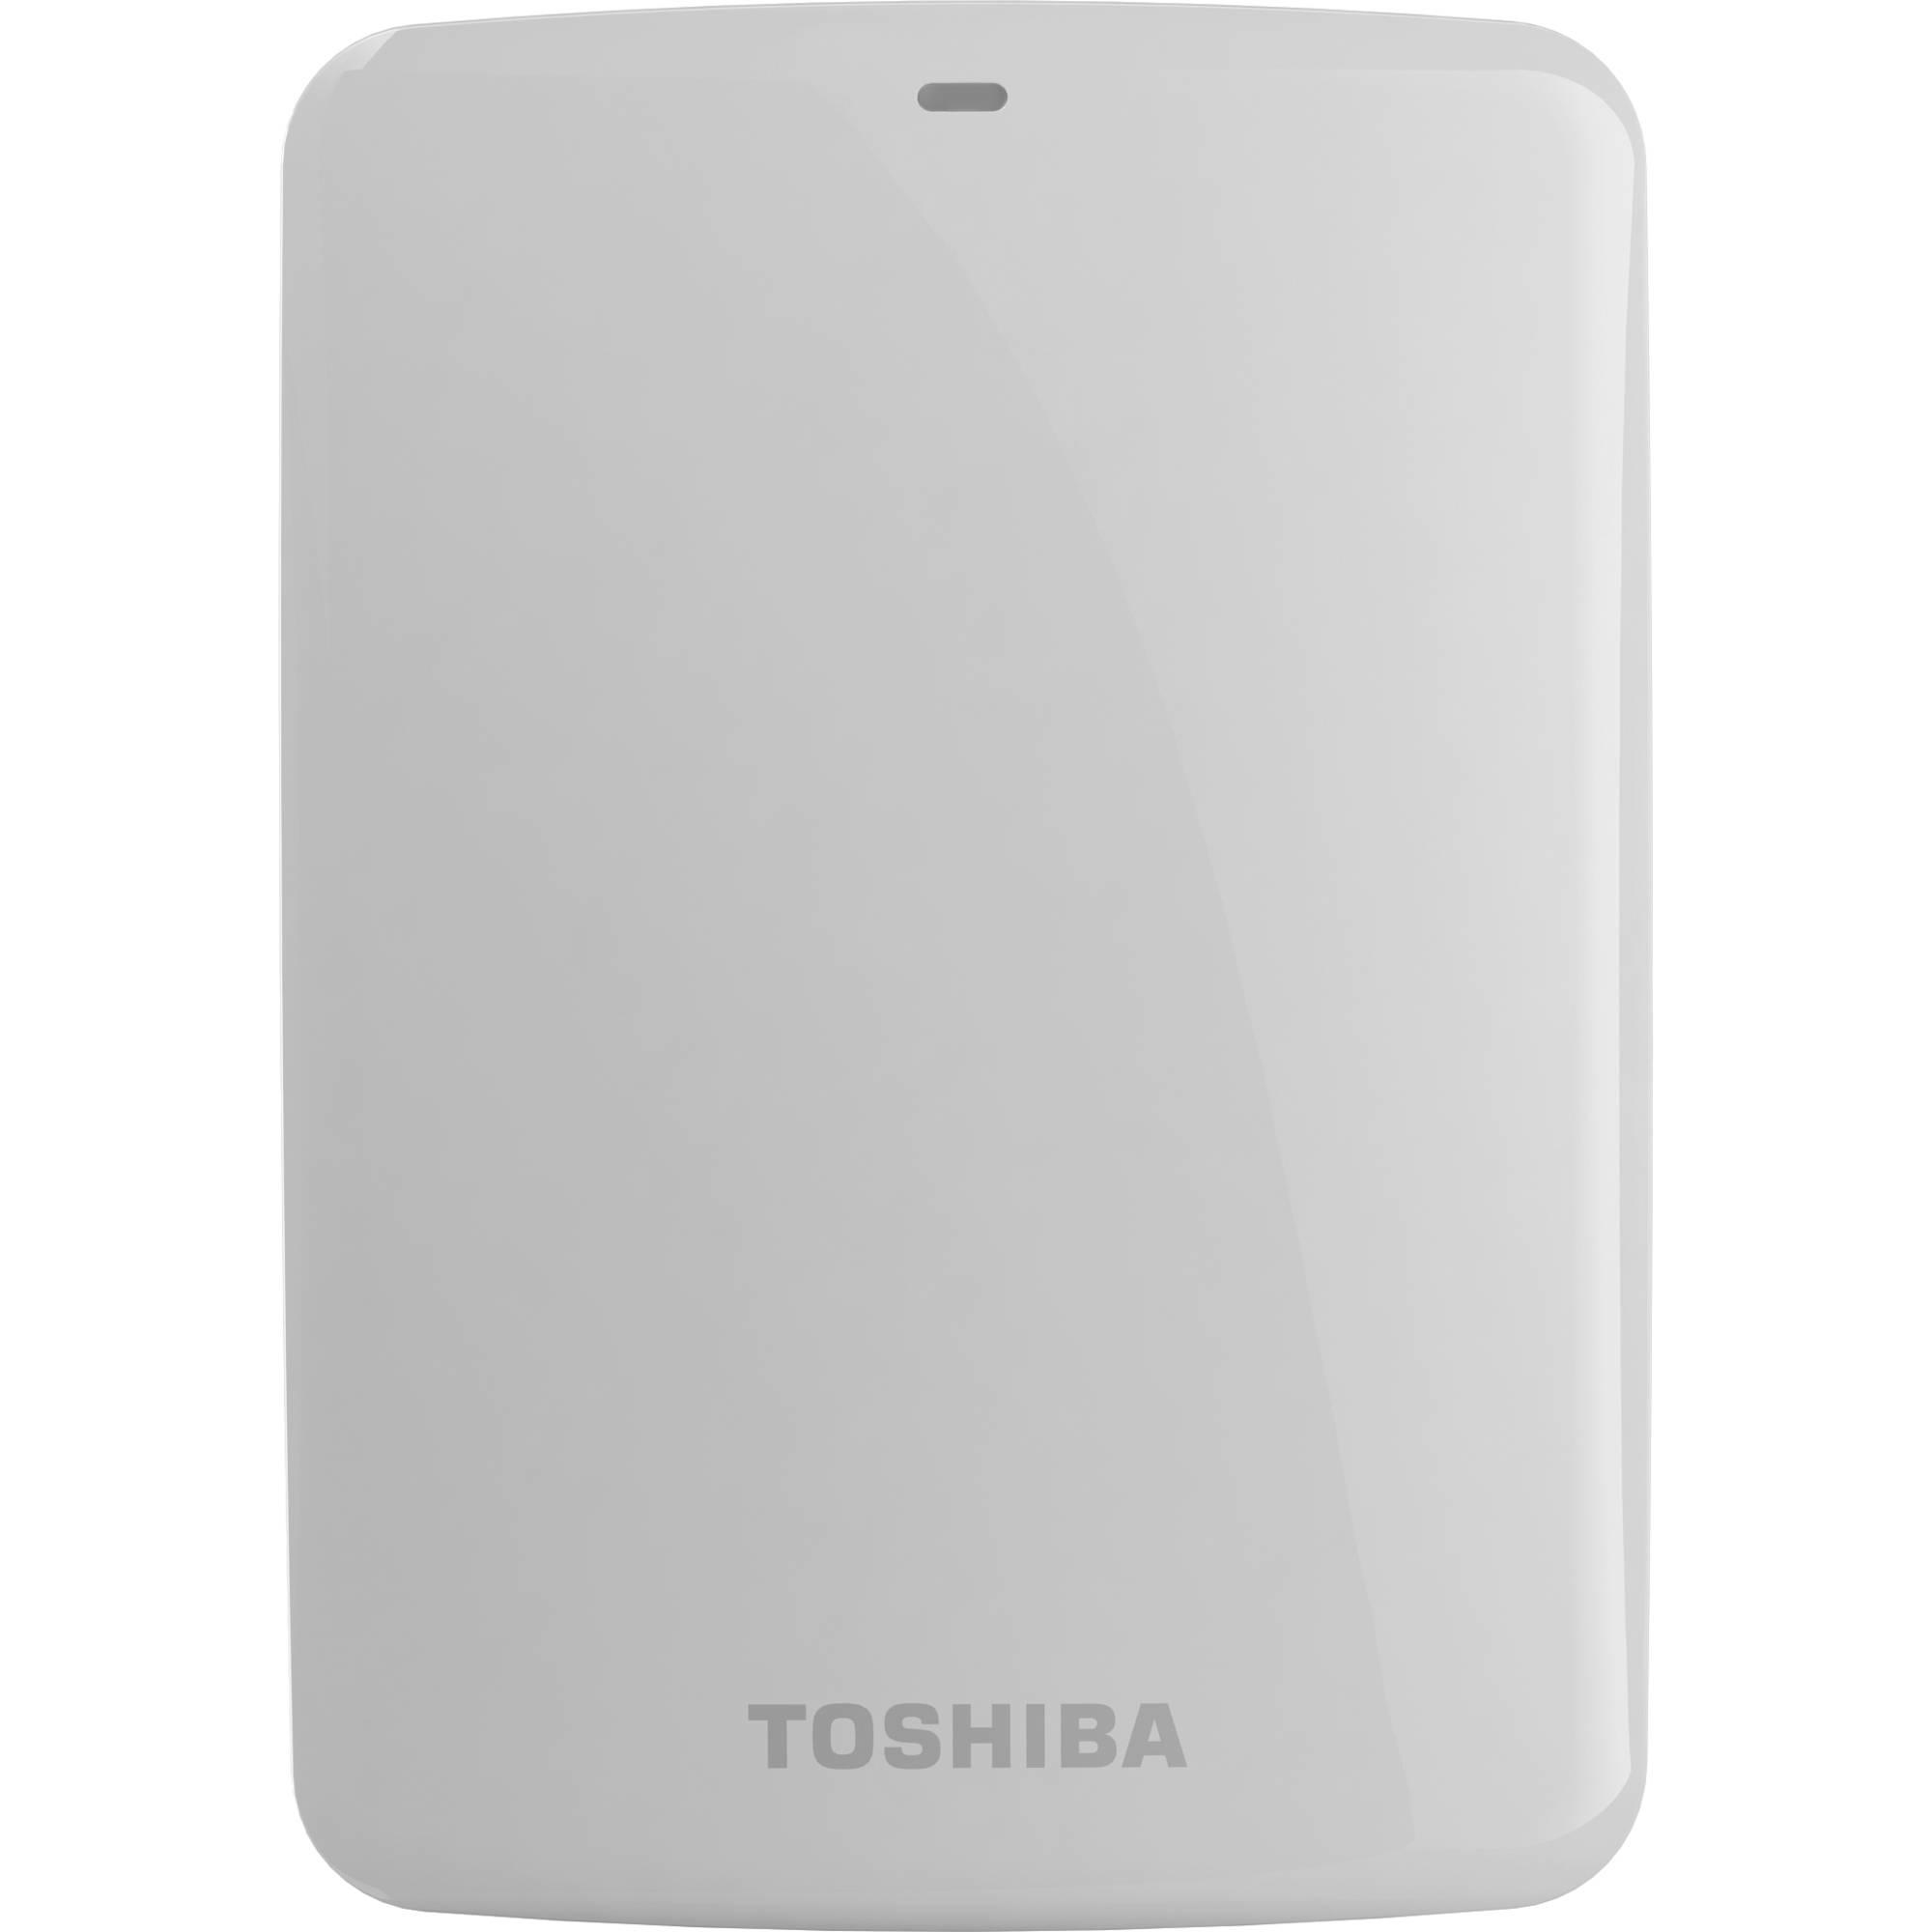 Toshiba 1TB Canvio Connect USB 3 0 Portable Hard Drive (White)